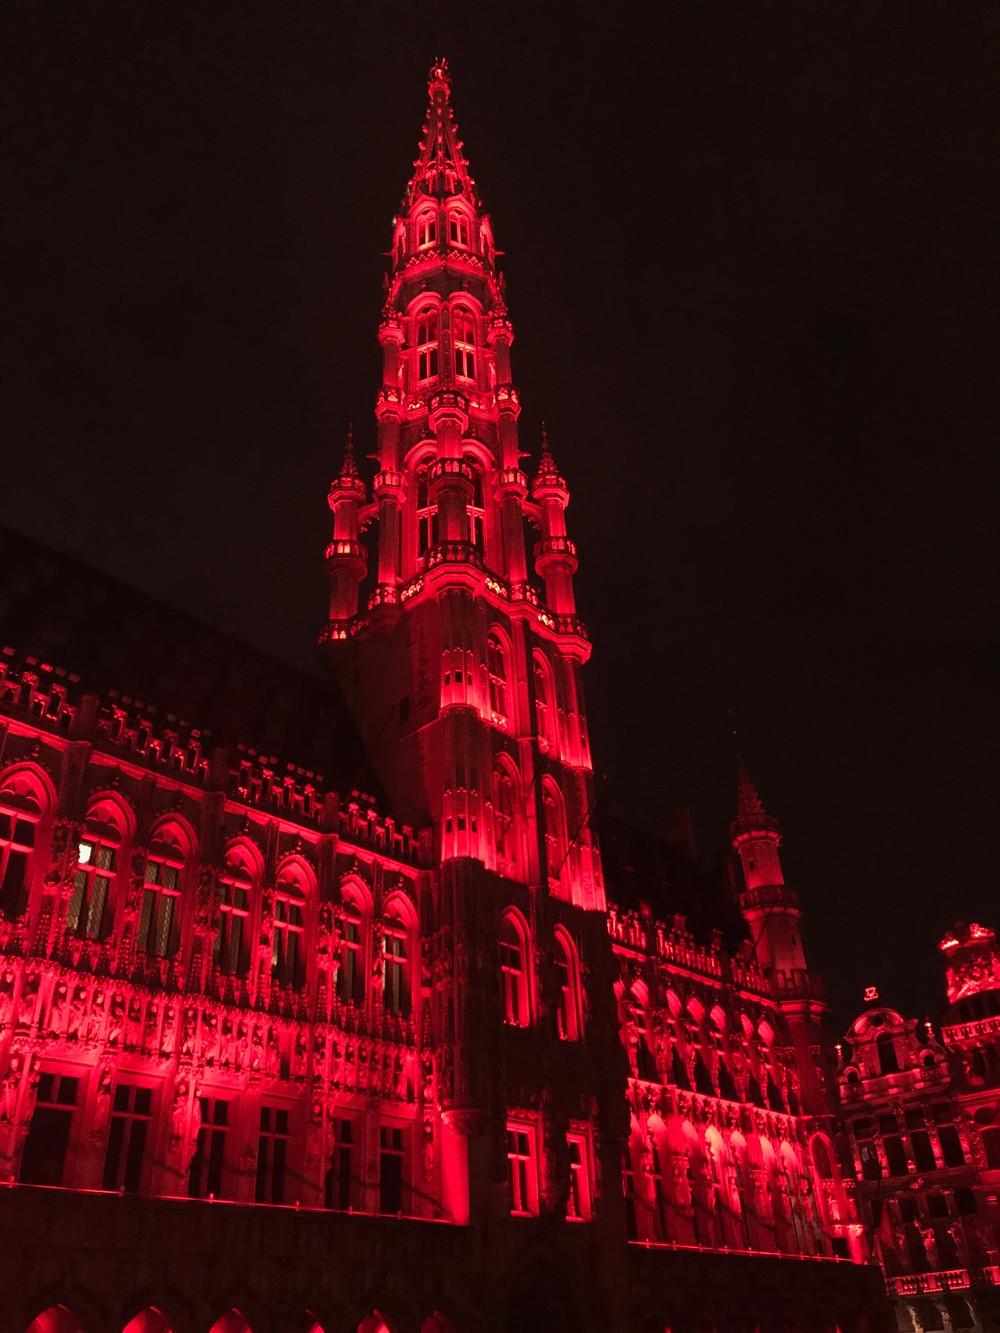 Music & Light Show - Hôtel de Ville de Bruxelles